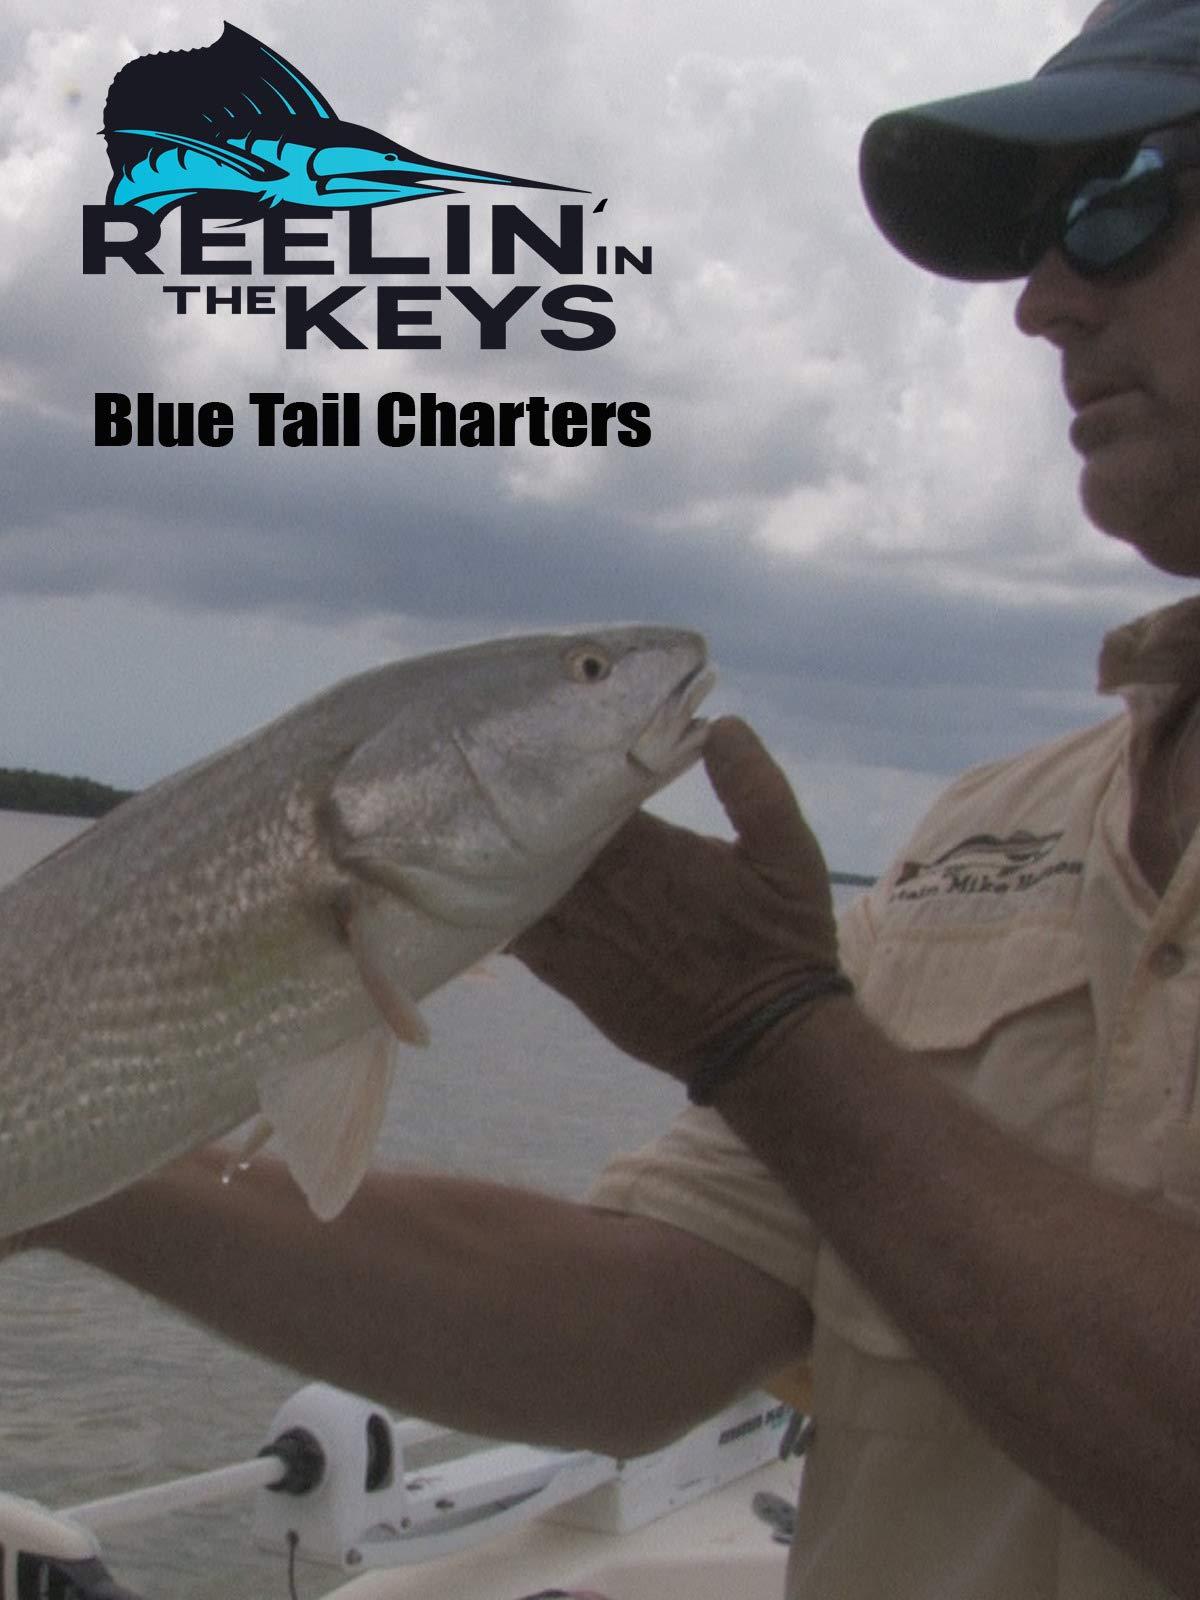 Reelin' In The Keys- Blue Tail Charters